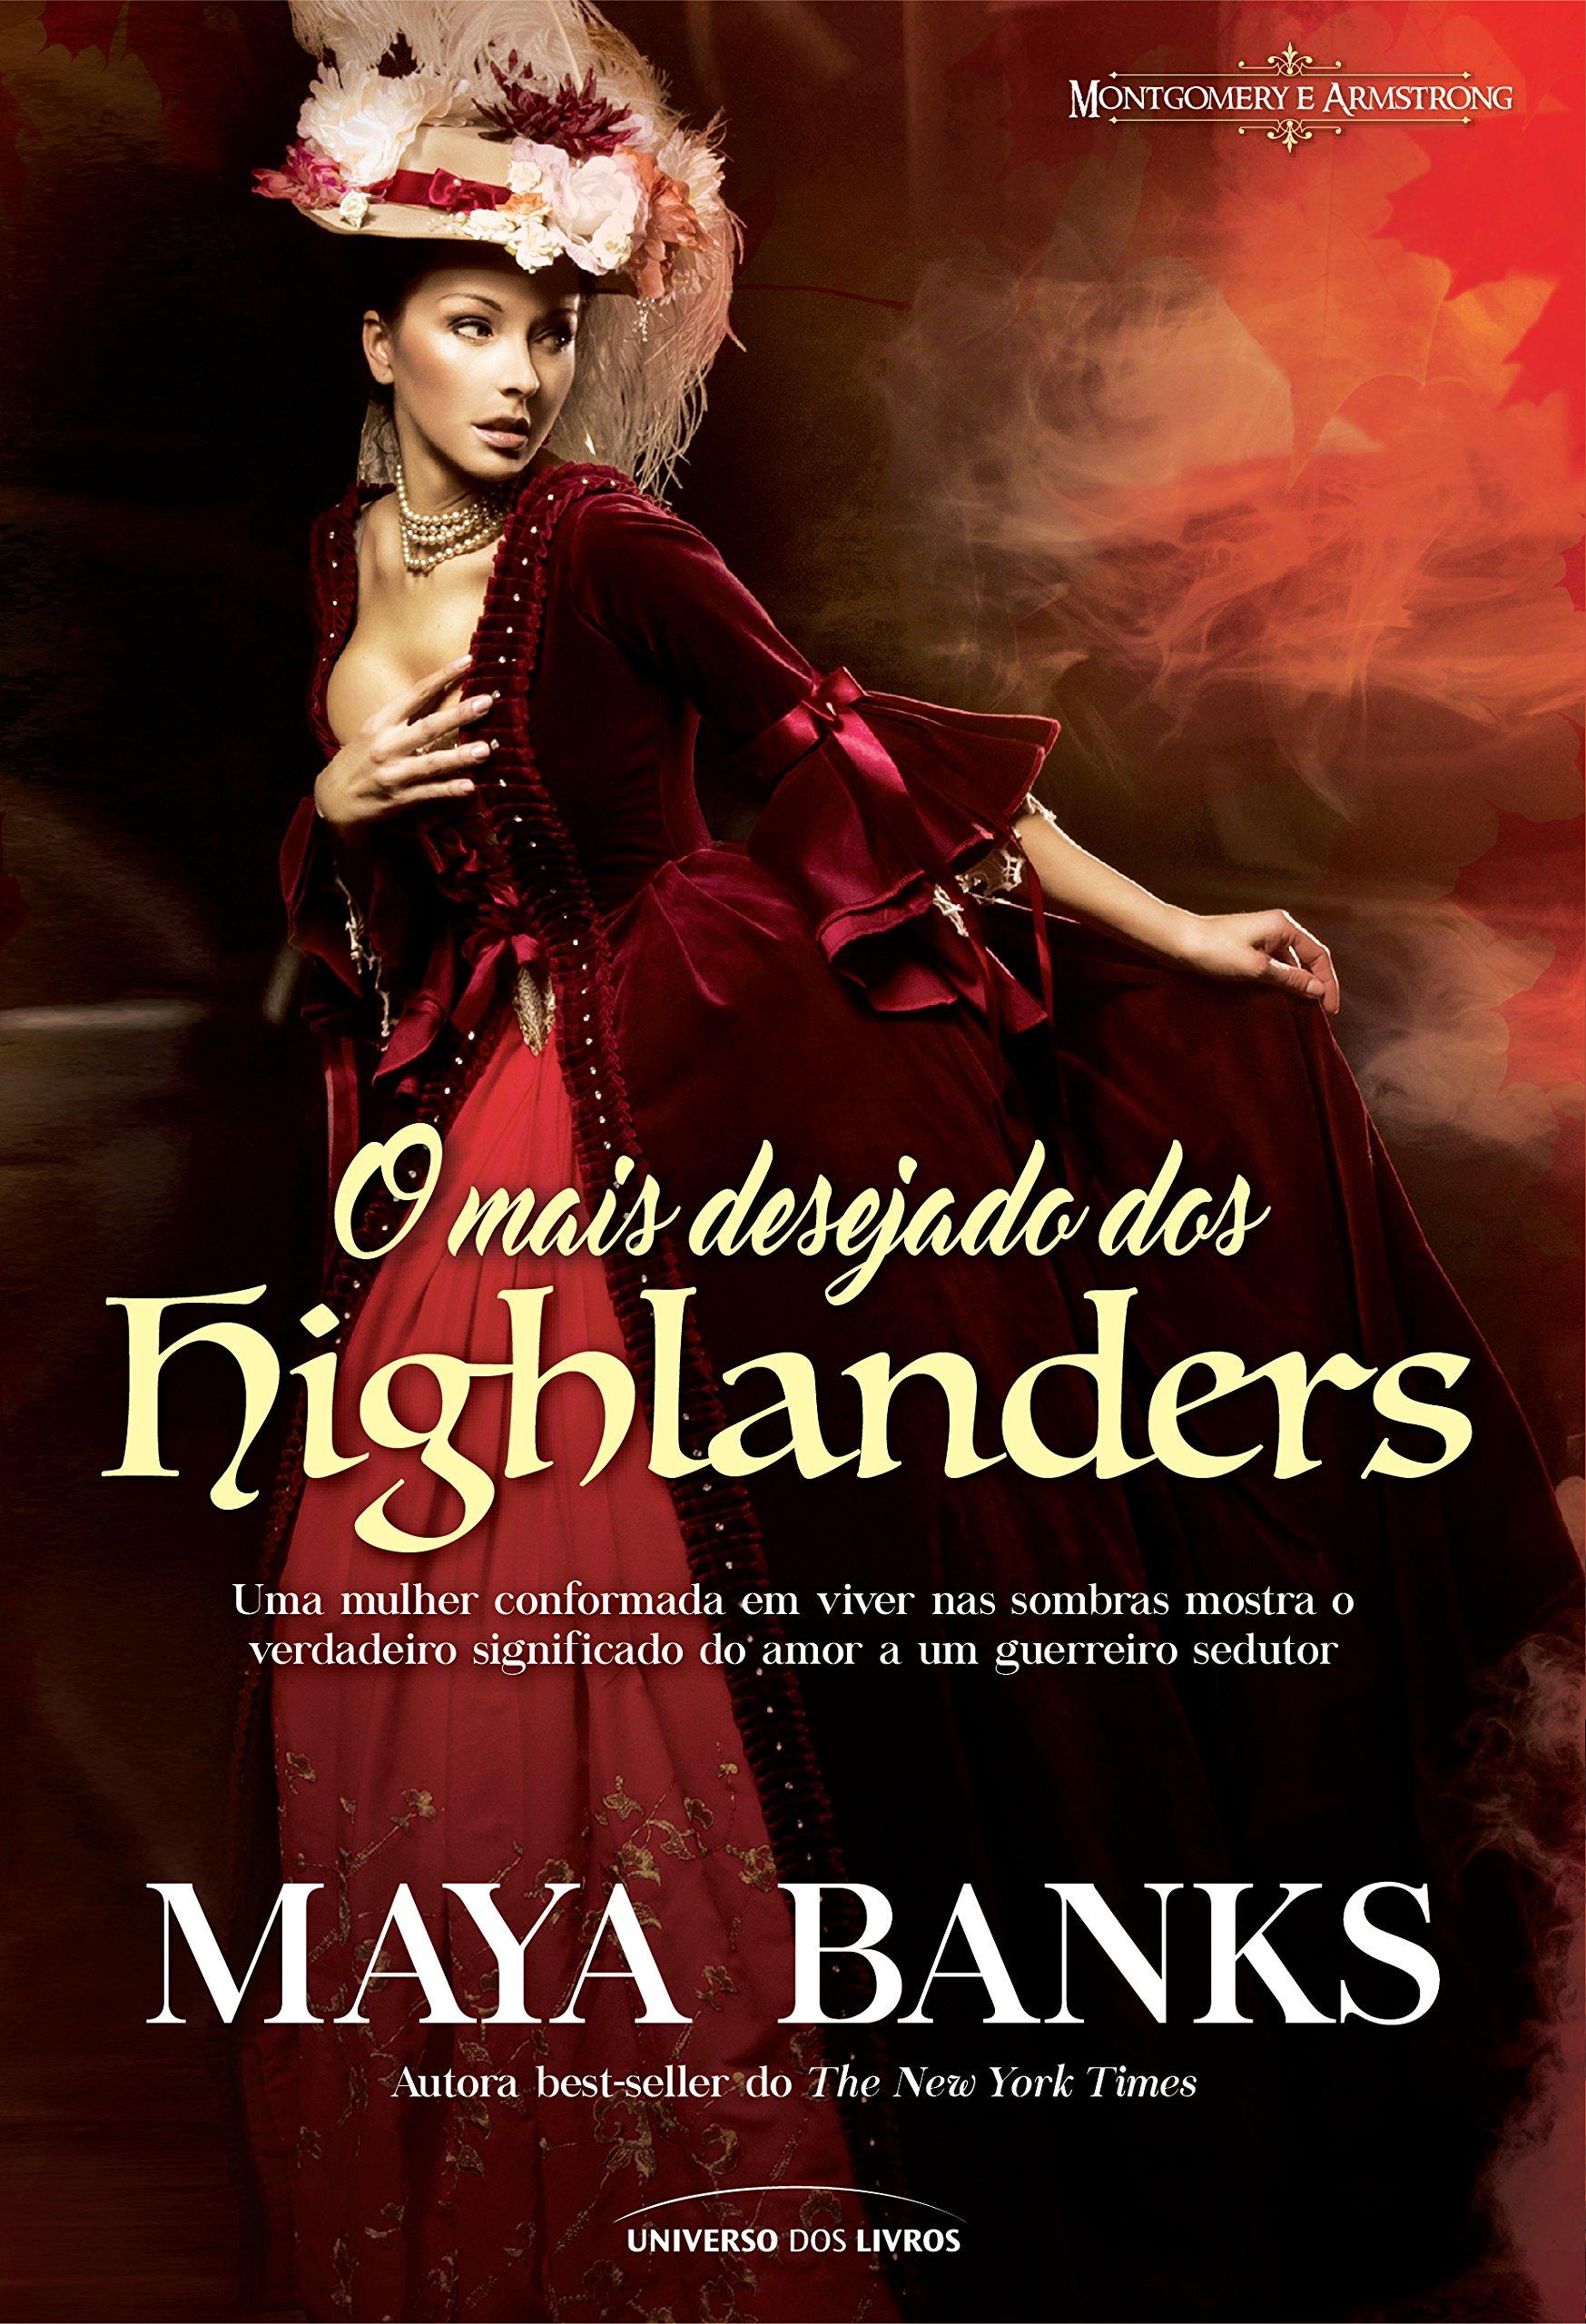 O que significa highlander em portugues